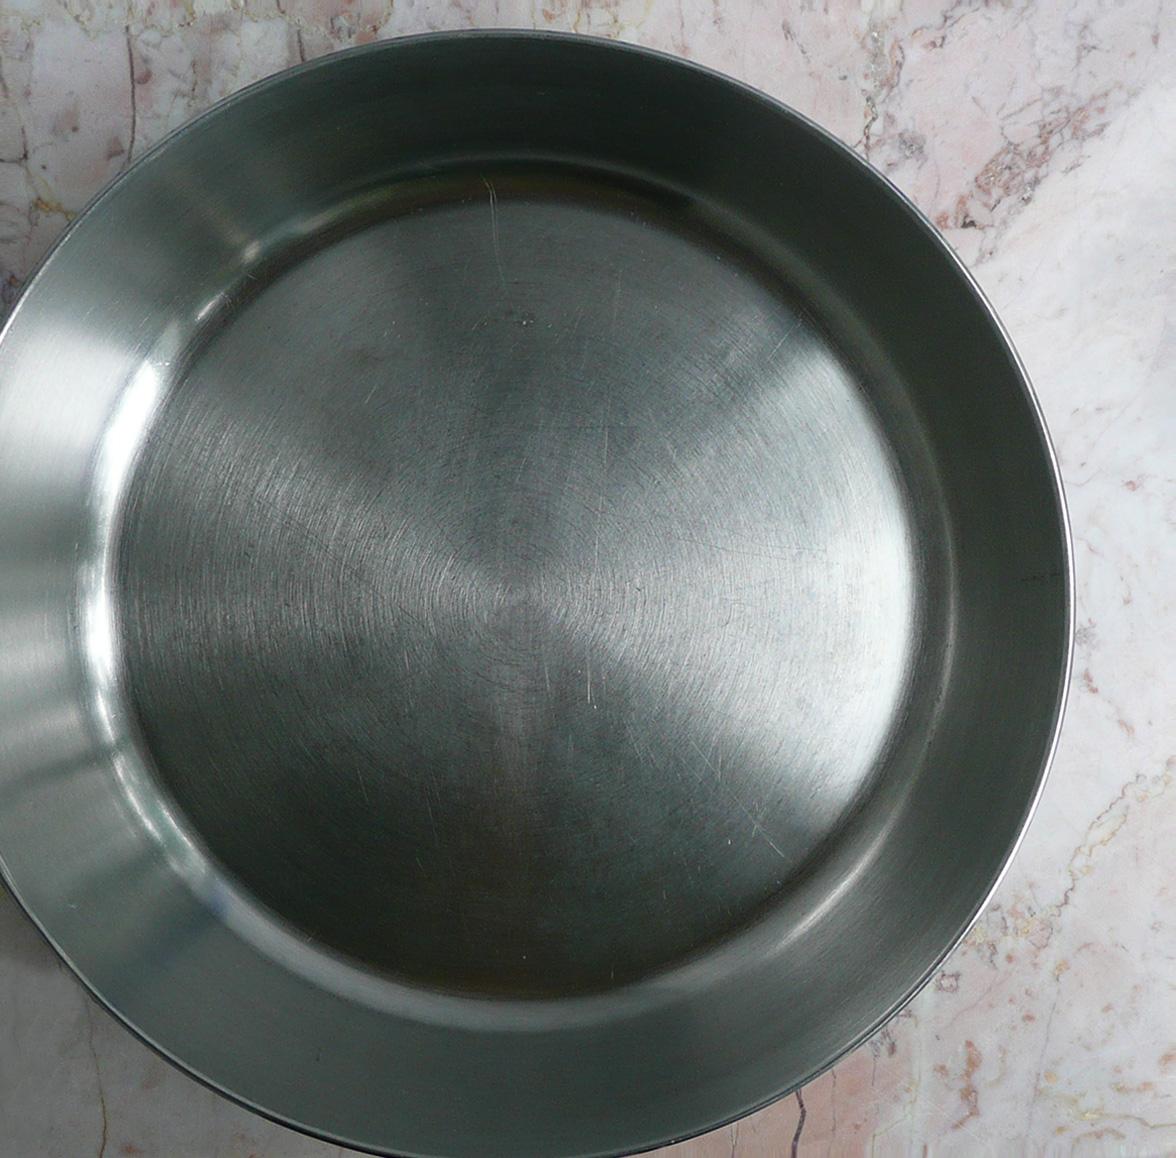 baking soda pan 3